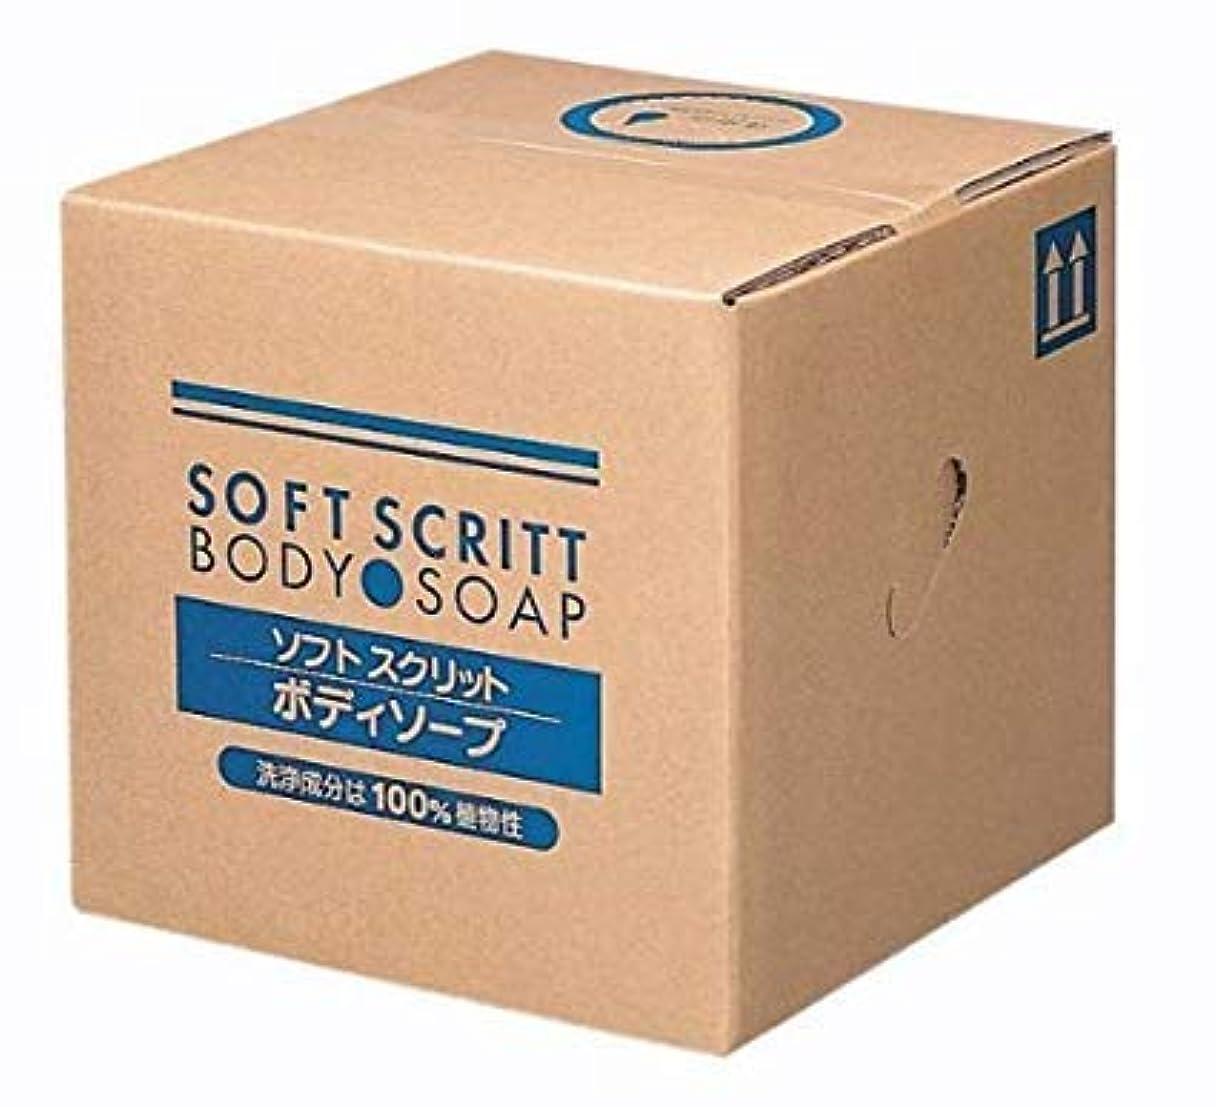 ぜいたく公爵夫人エジプト業務用 SOFT SCRITT(ソフト スクリット) ボディソープ 18L 熊野油脂 コック無し